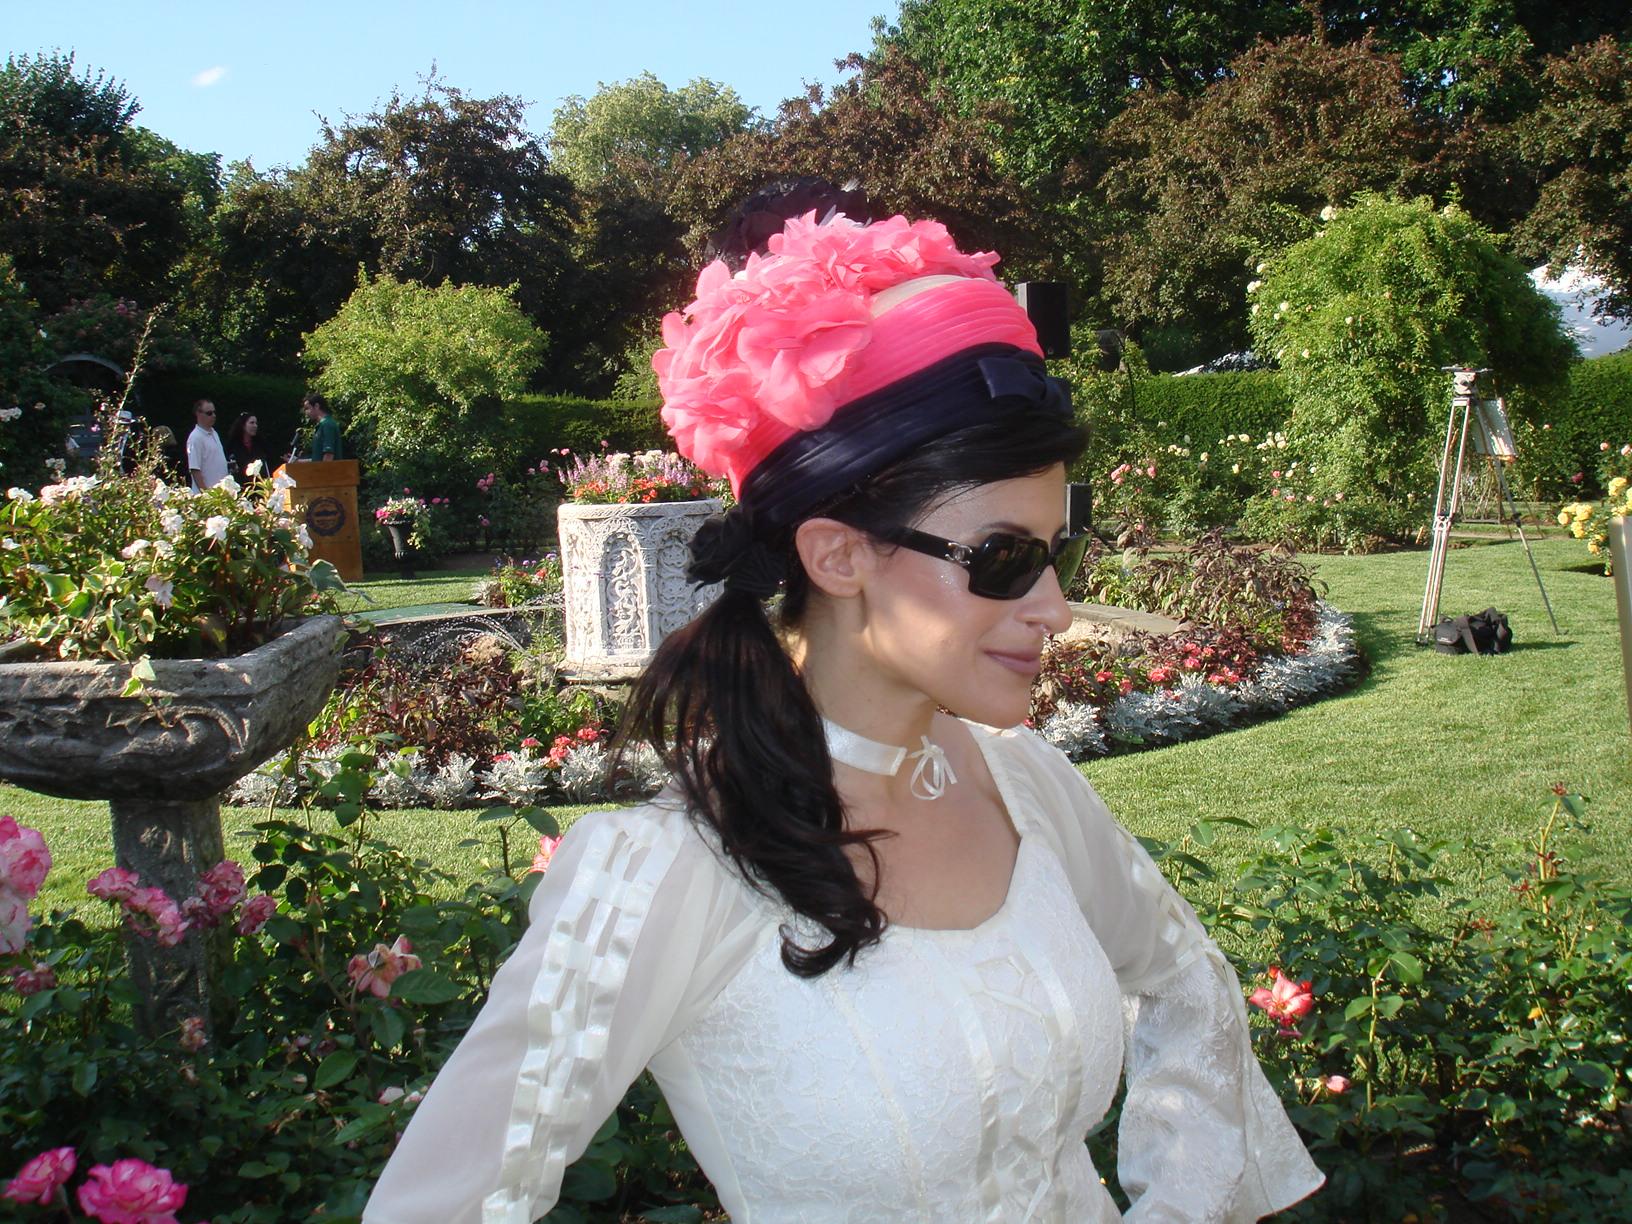 LYNN JULIAN in photo shoot for Rose Garden Party in Boston, MA